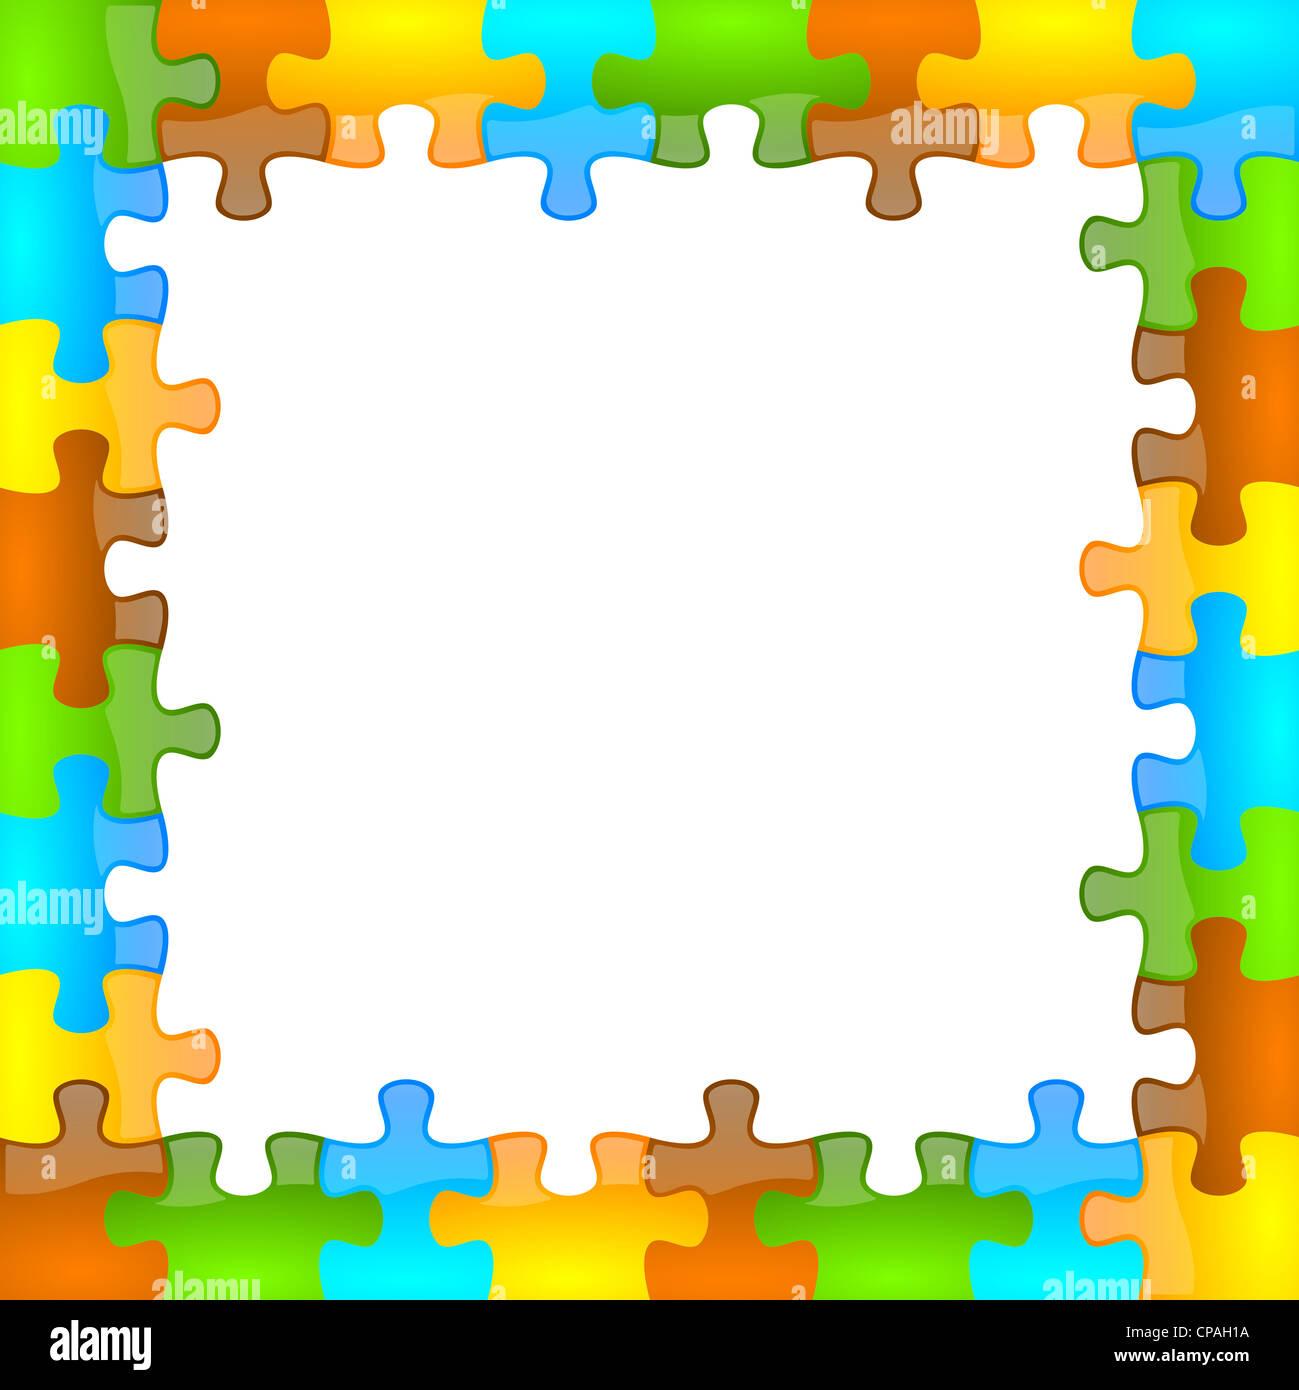 Color de fondo del marco y jazzy puzzle formato 8 x 8 Foto & Imagen ...